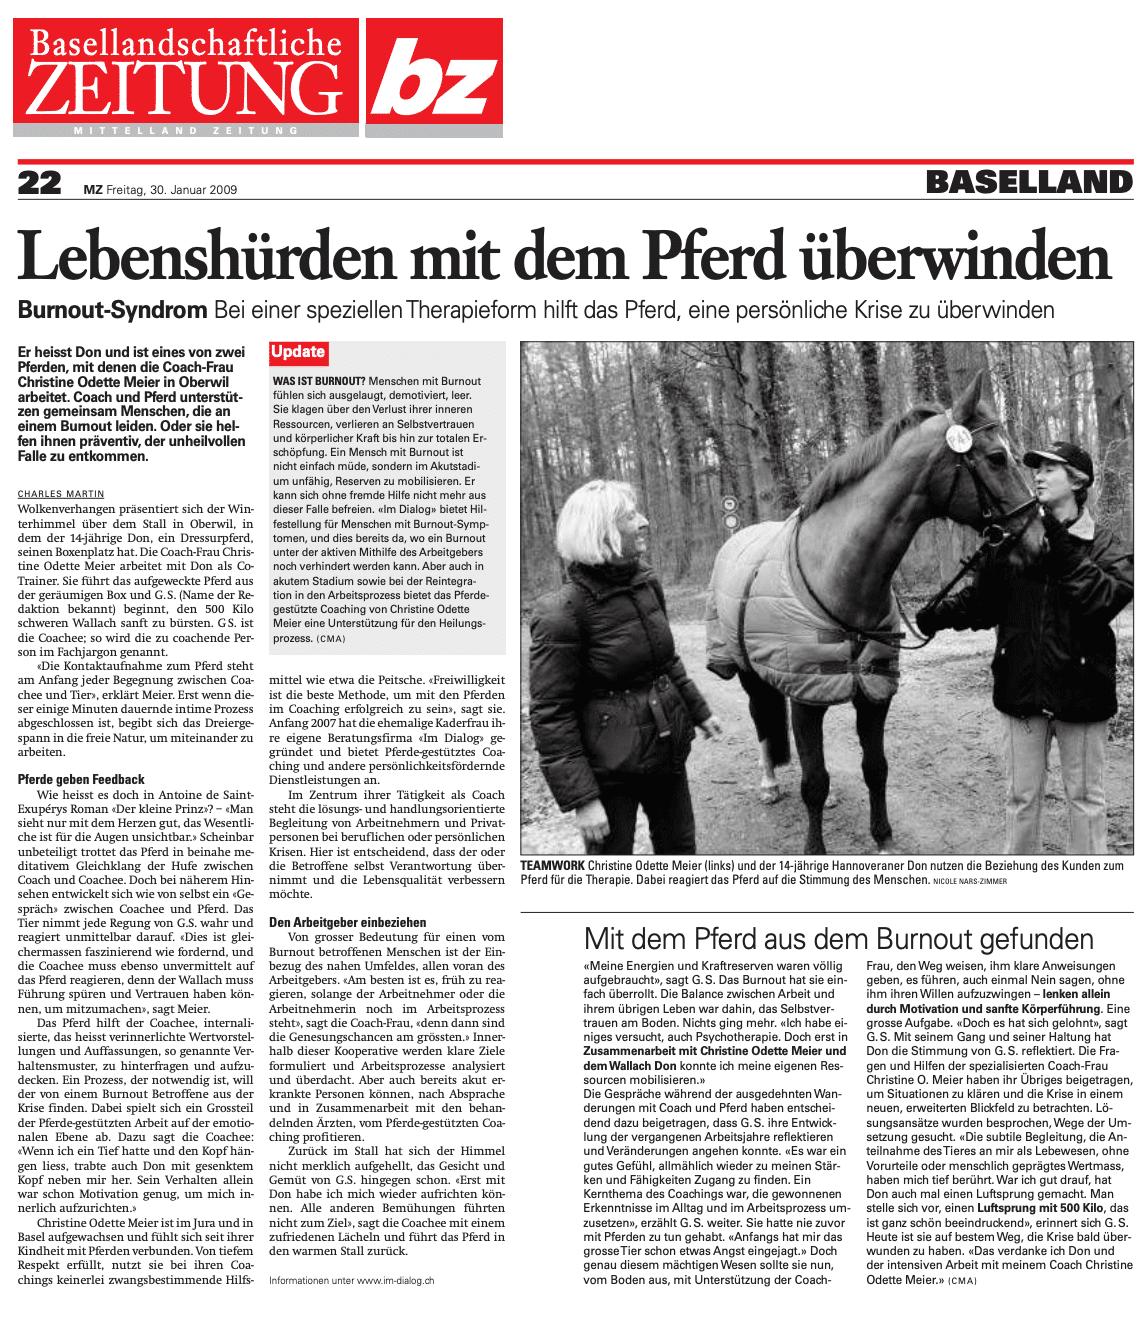 Medienbericht_Basellandschaftliche Zeitung_Lebenshürden mit dem Pferd überwinden